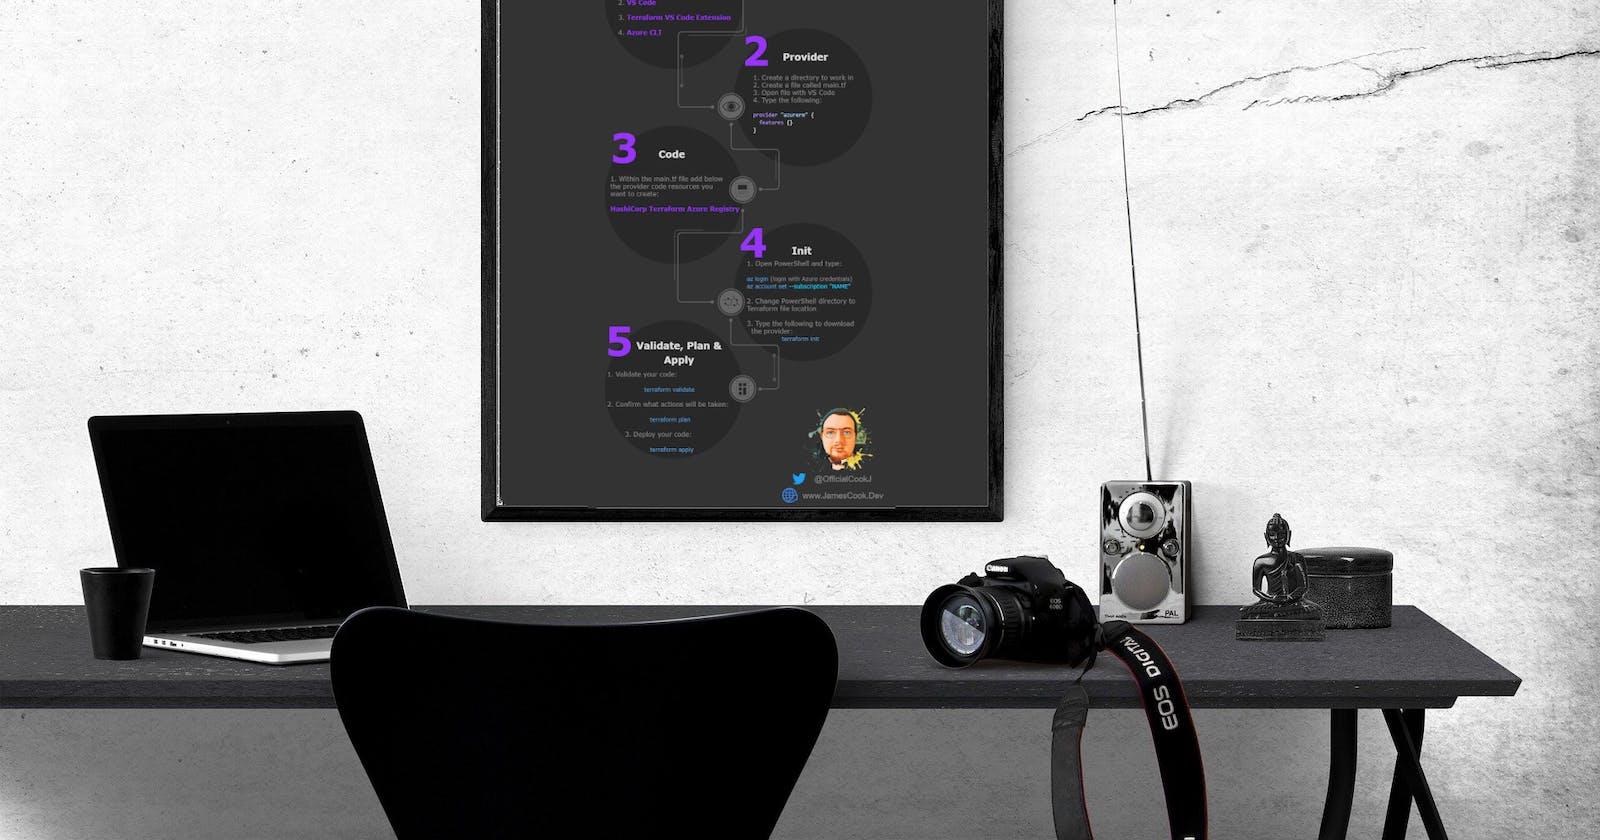 Terraform: Azure Beginners Poster